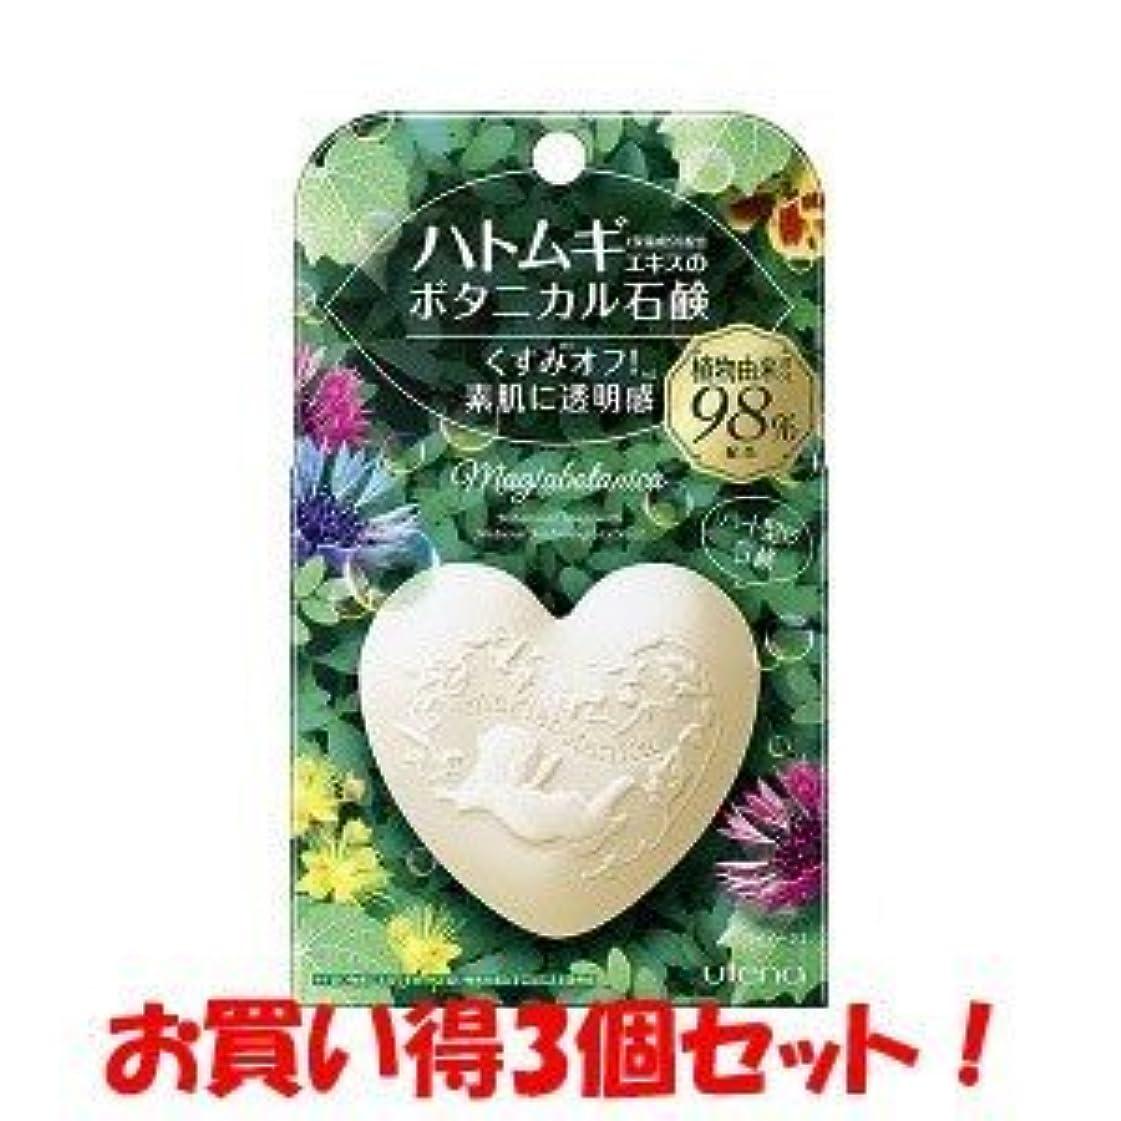 メンダシティ車両弓(ウテナ)マジアボタニカ ボタニカル石鹸 100g(お買い得3個セット)